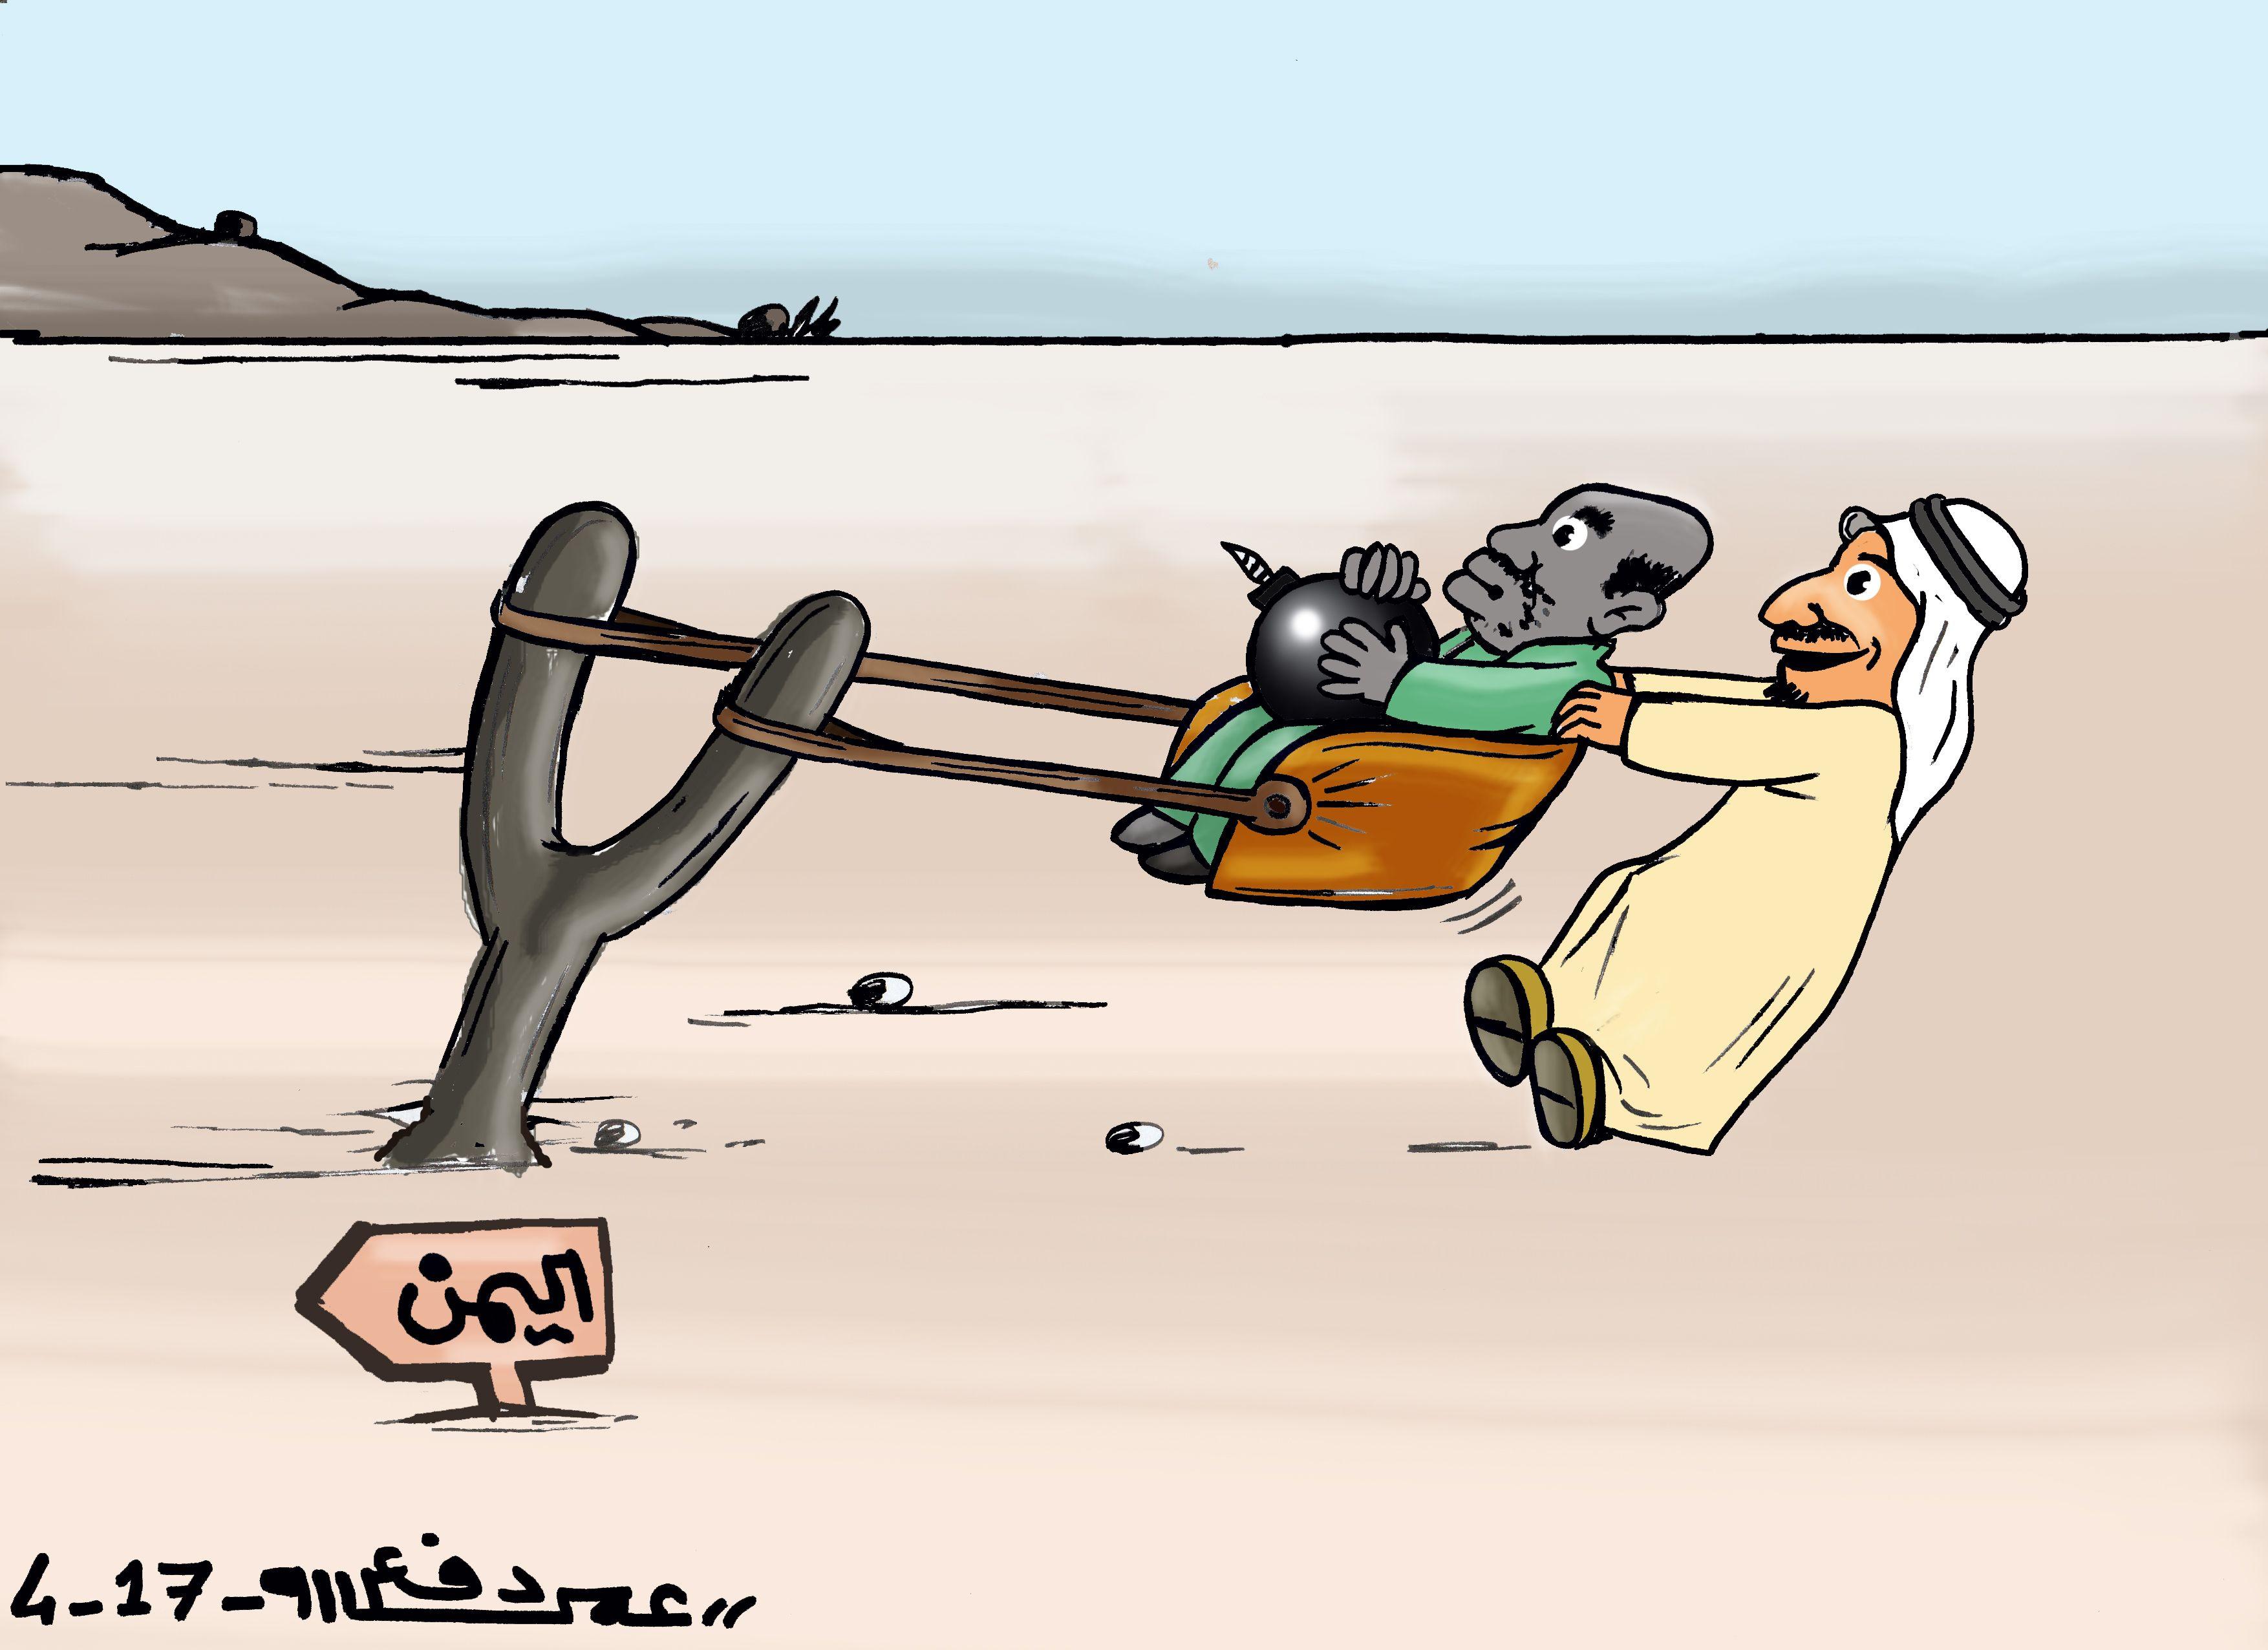 كاركاتير اليوم الموافق 25 ابريل 2017 للفنان عمر دفع الله عن حرب اليمن